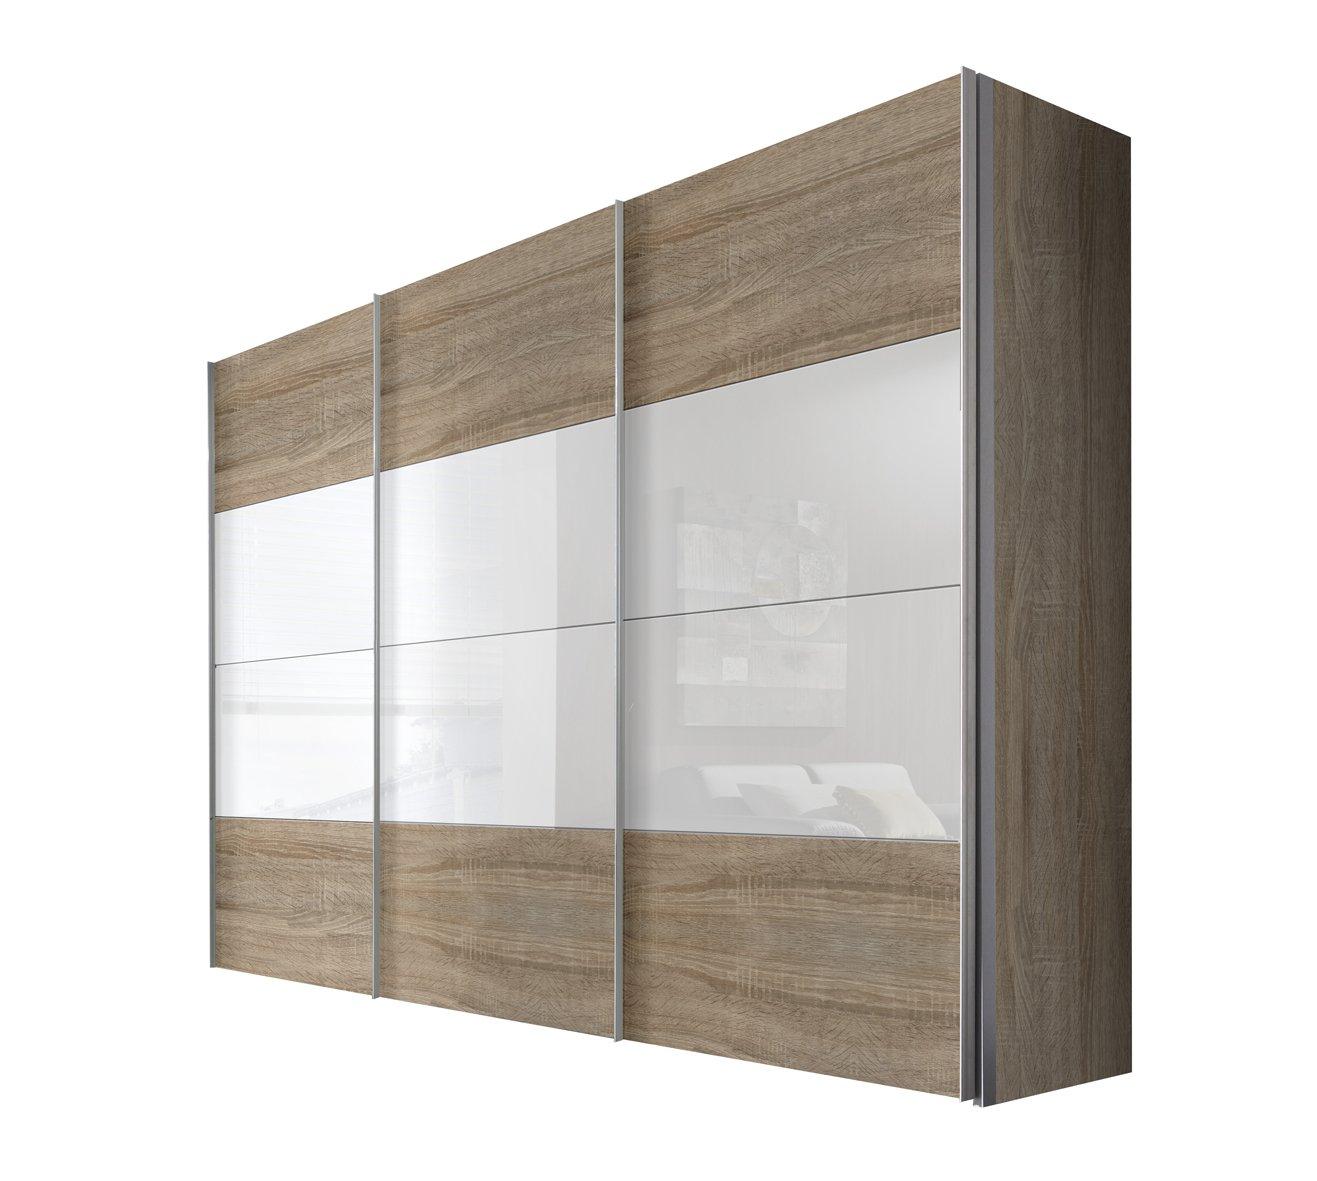 Solutions 49620-761 Schwebetürenschrank 3-türig, Korpus und Front Sonoma-eiche, weißglas, Griffleisten alufarben, 68 x 300 x 216 cm